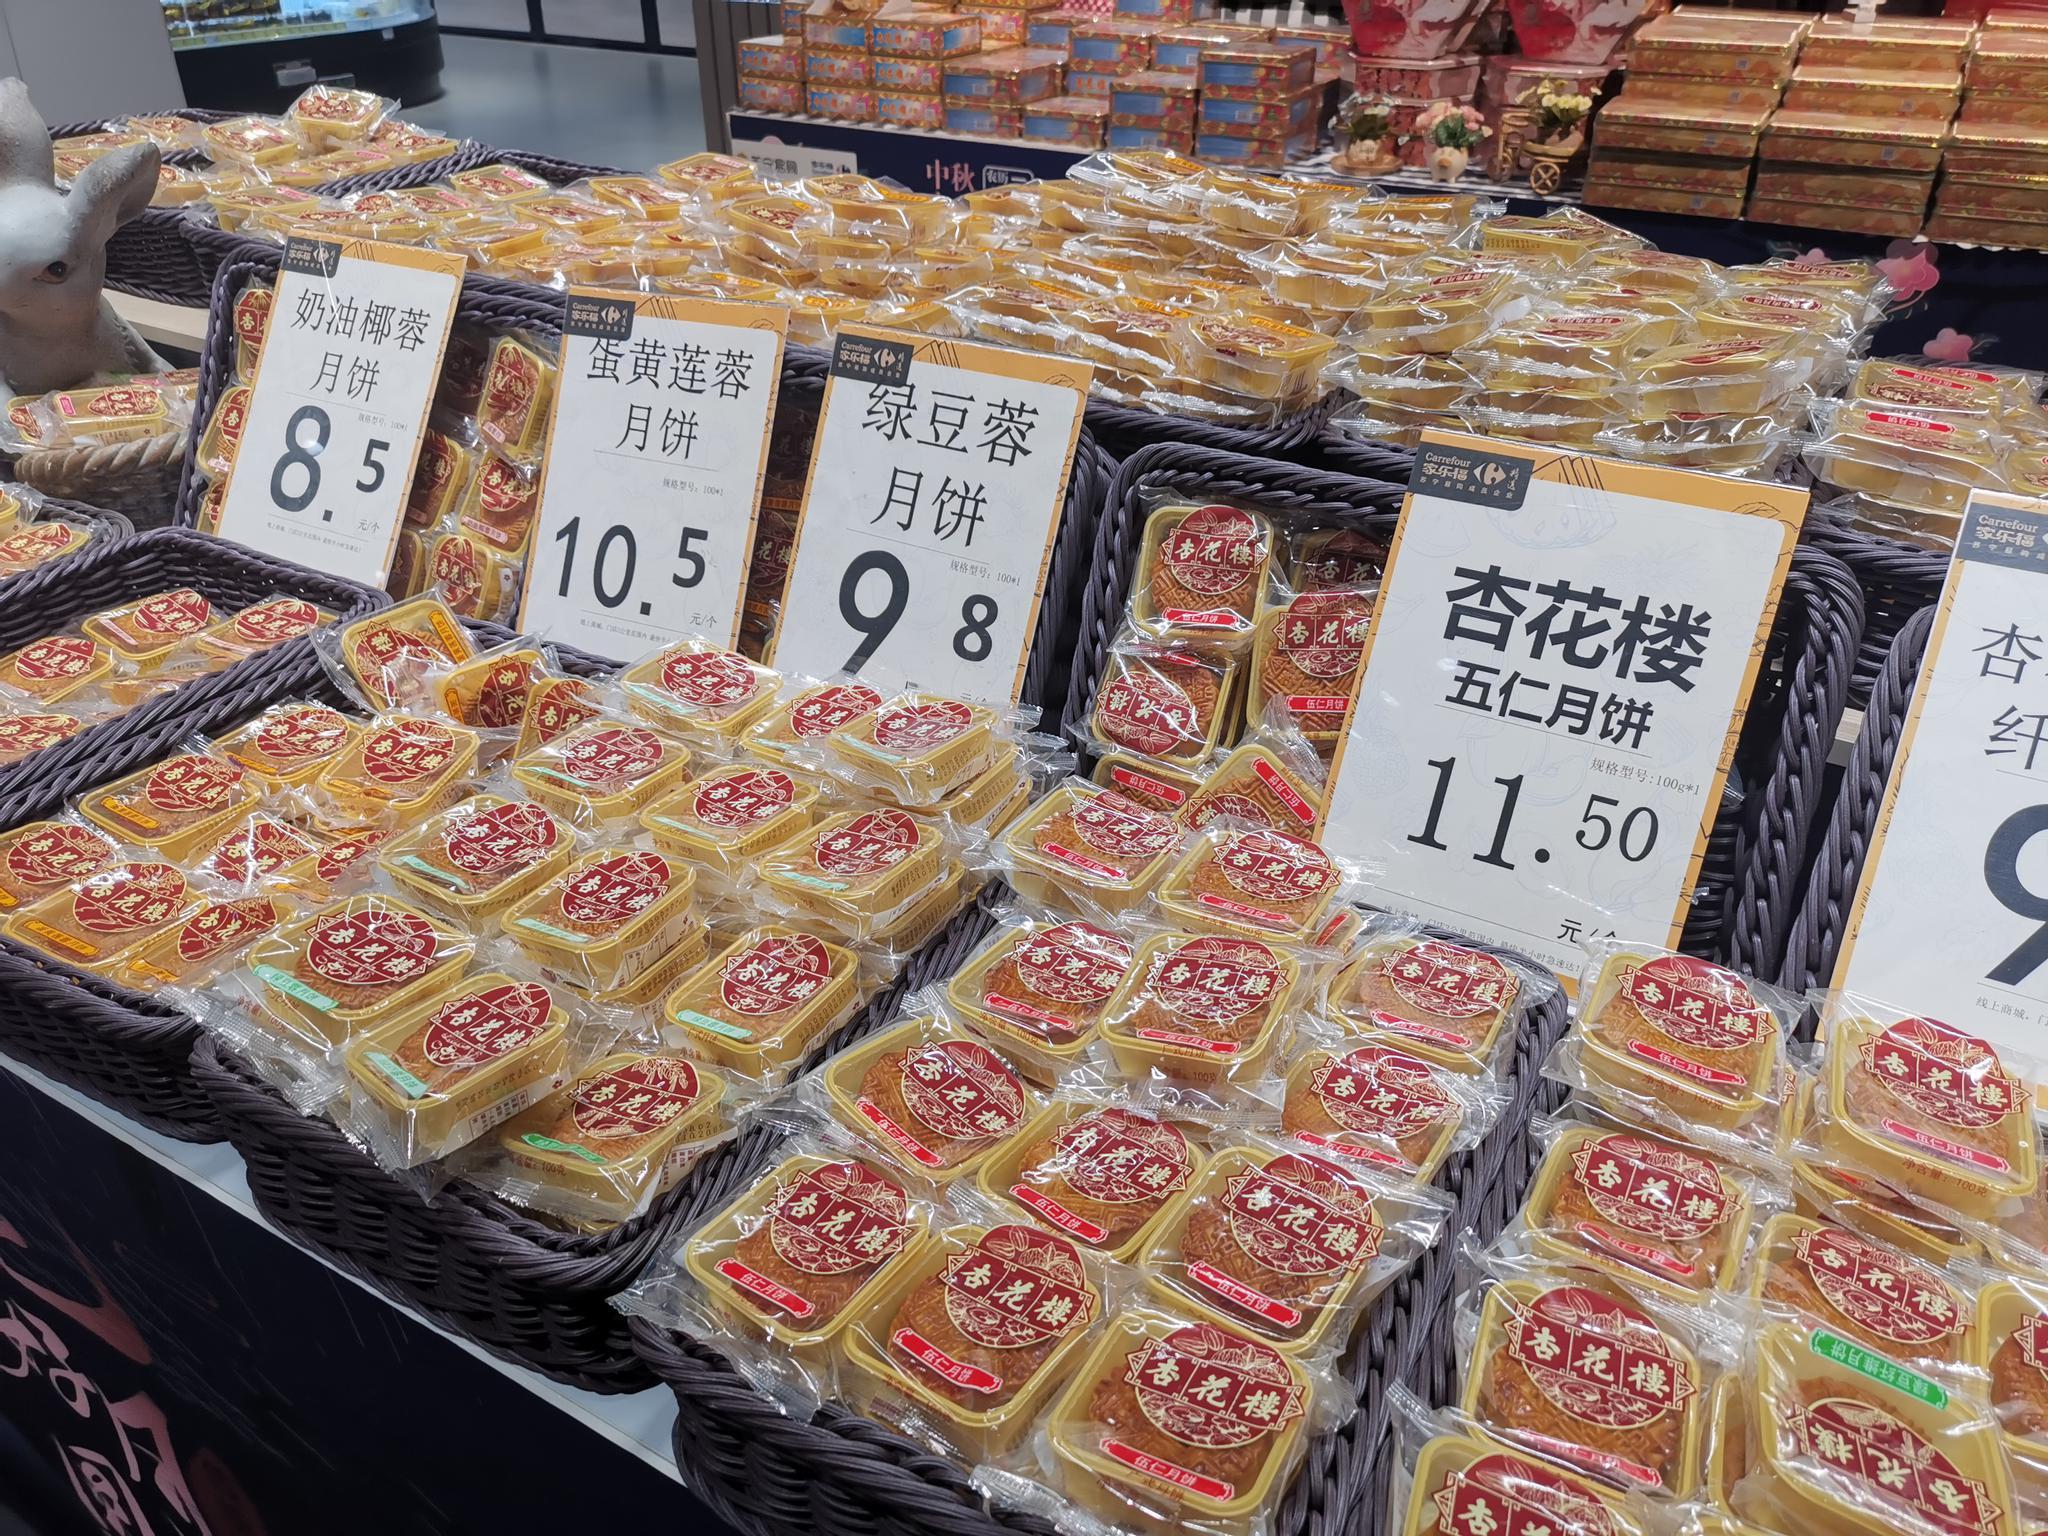 今秋月饼大观:售价或小幅上涨,团购放缓代工兴起,老味道回归图片